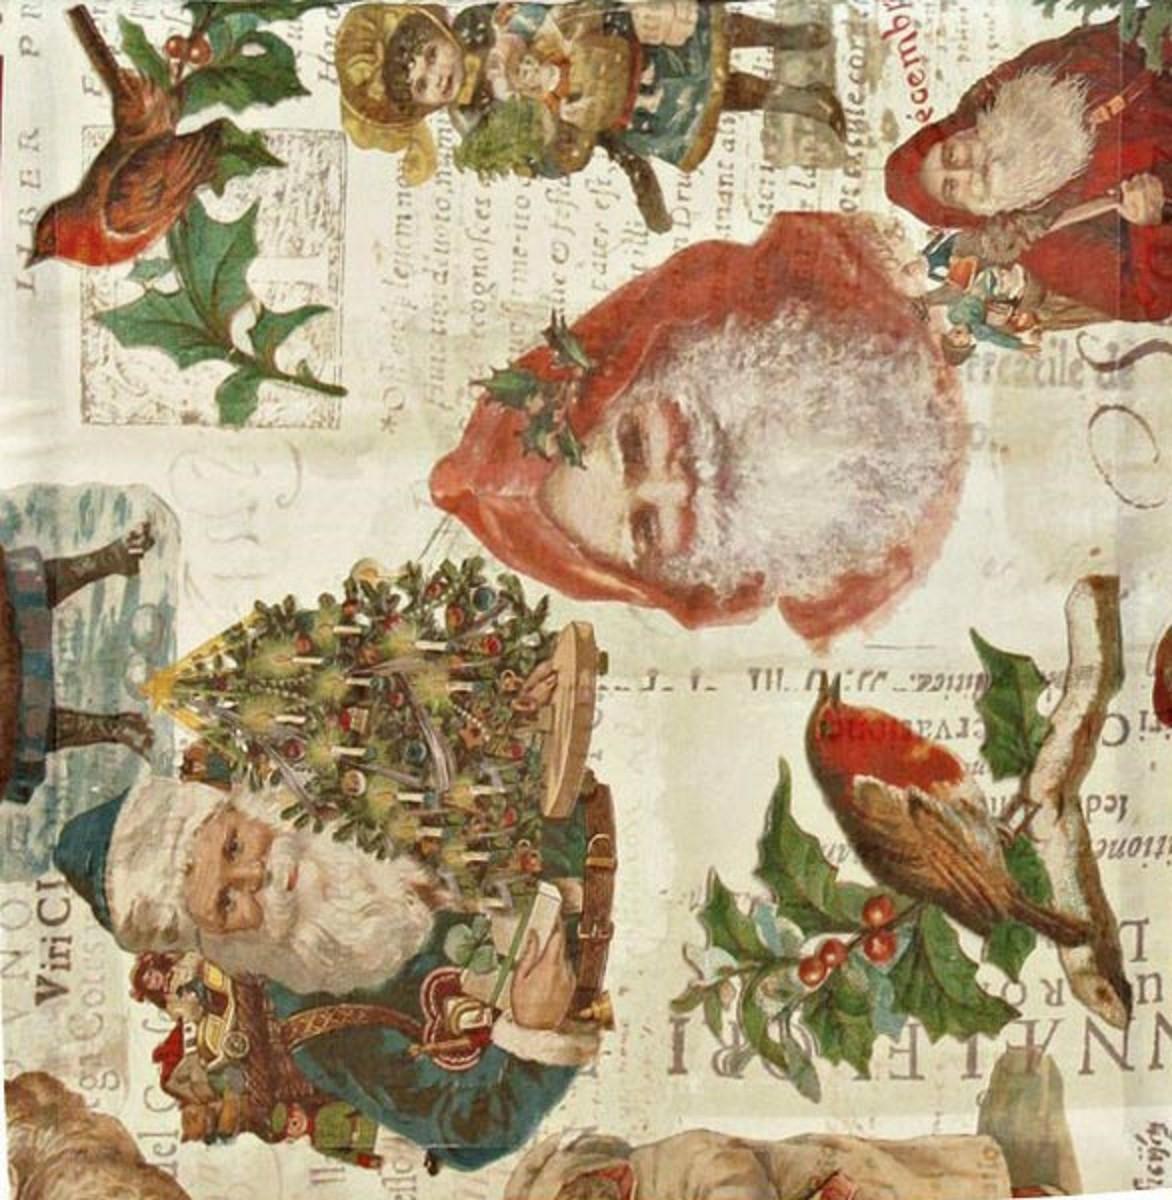 Bilder Weihnachten Nostalgisch.Apelt Tischläufer Nostalgische Weihnachten Mit Nikolaus 48 X 135 Cm Kuscheldecken Zierkissen Fensterfolie Fussmatten Teppichläufer